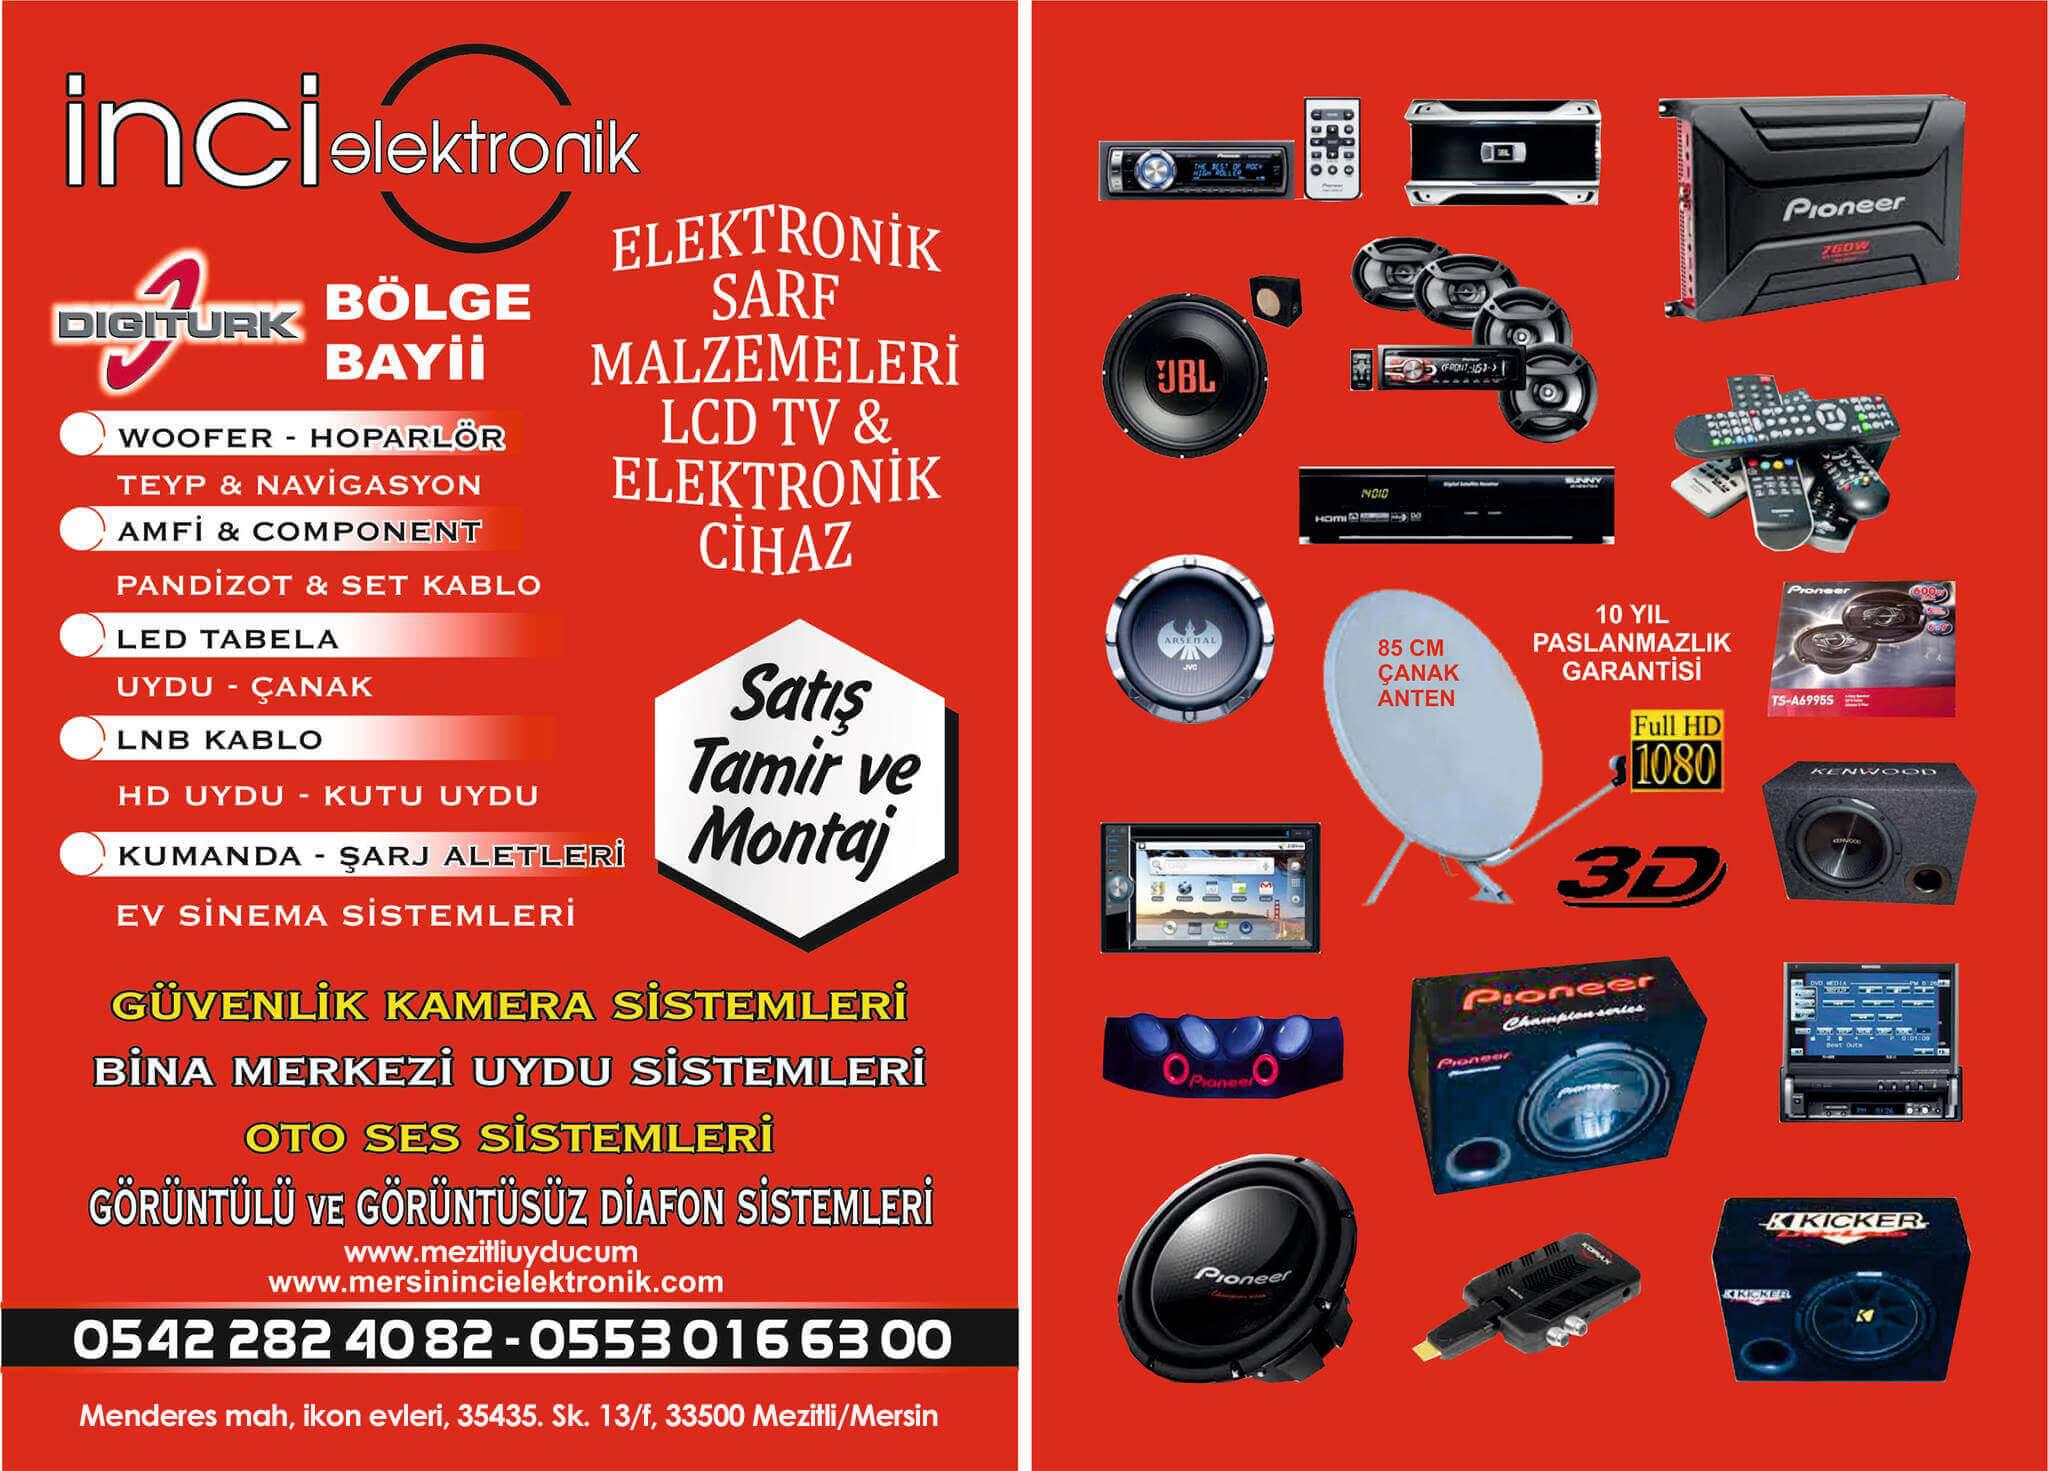 mersin elektronikçiler inci elektronik